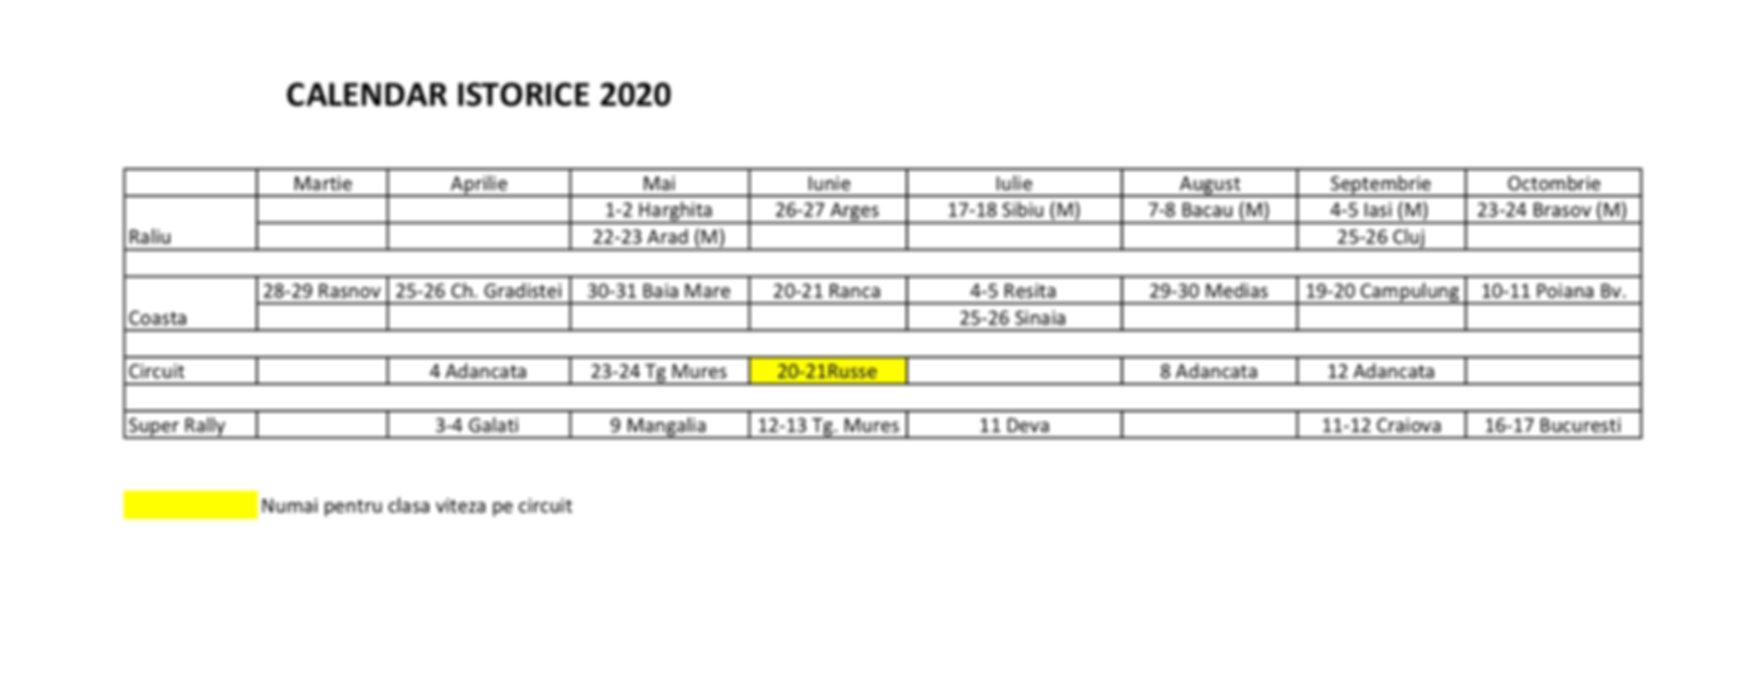 Calendar istorice 2020.jpg